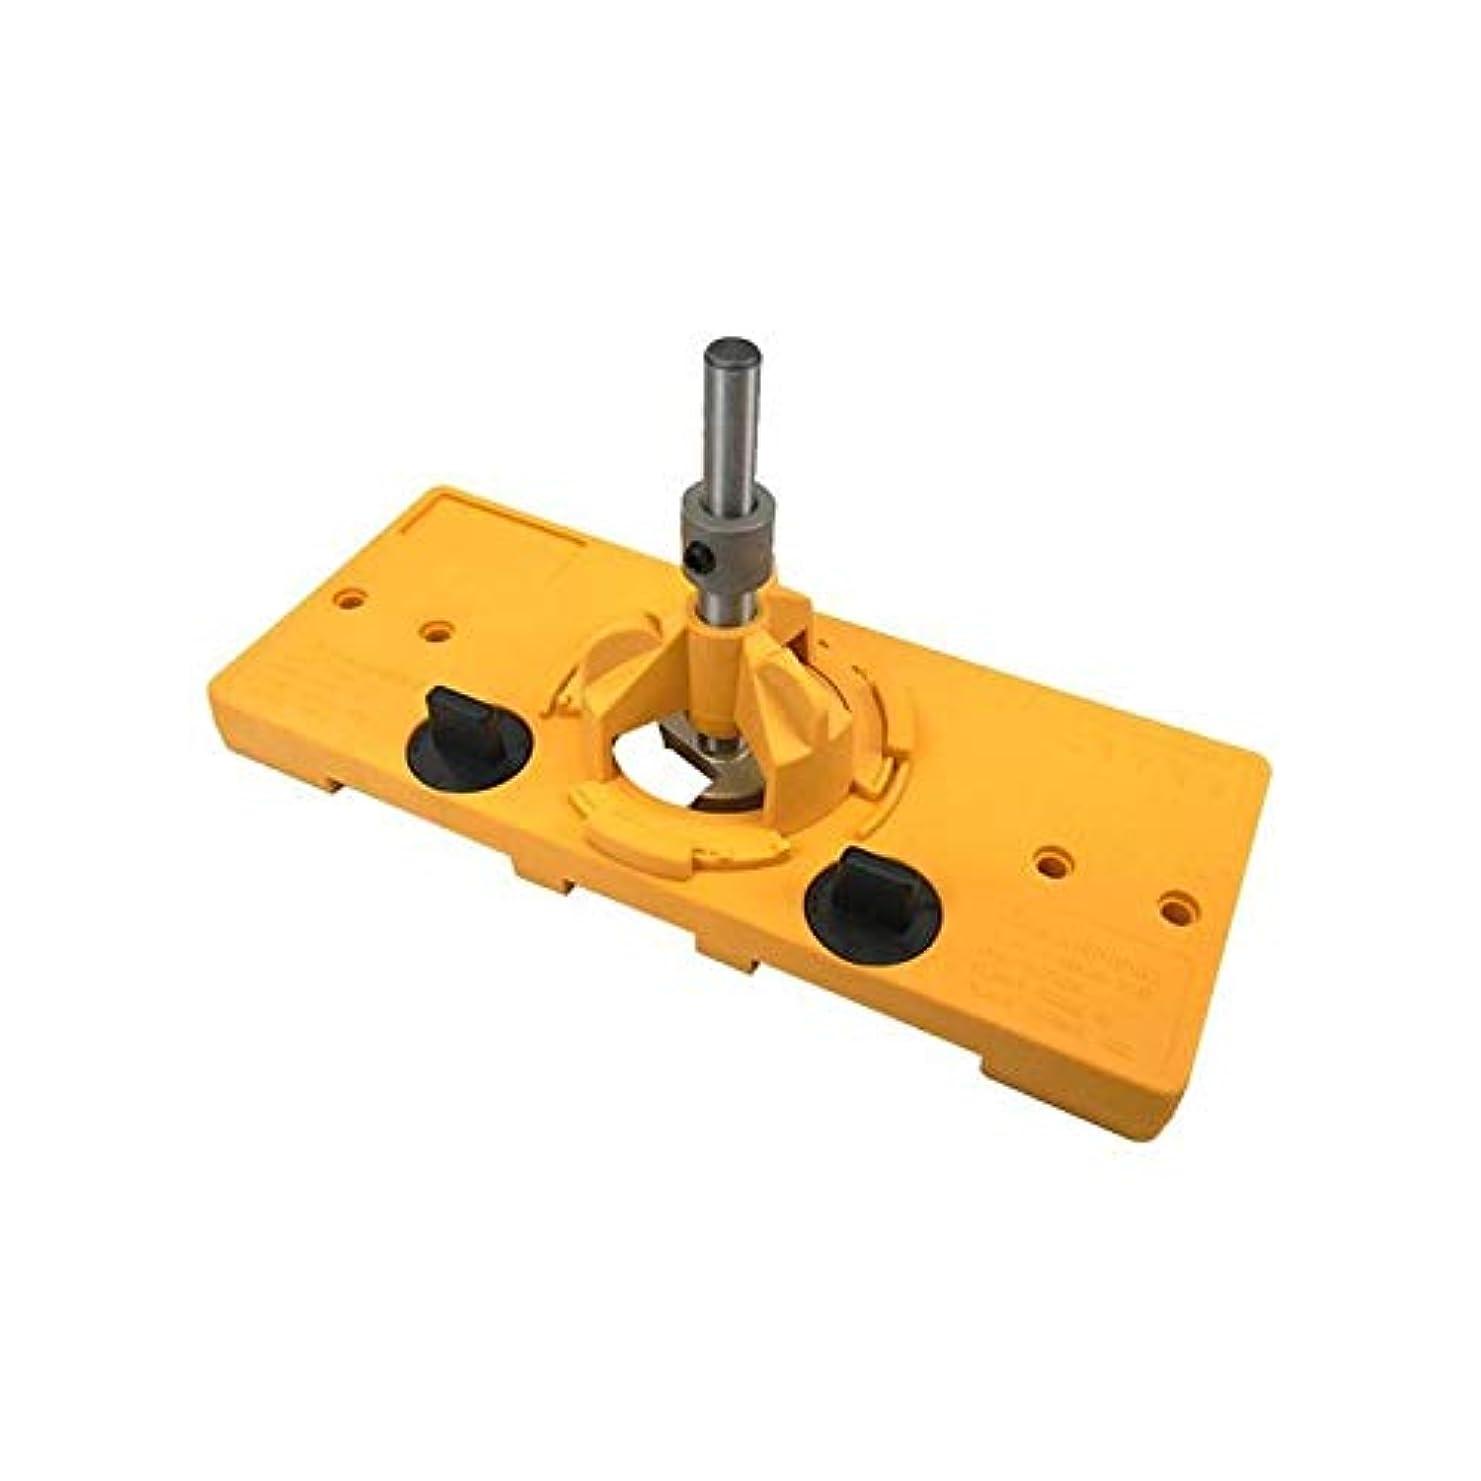 ハイライトに同意する適応的Hongyuantongxun 1PCS正確木工穴拡張ドリルのために配置35MMドアのヒンジドリルビットセット